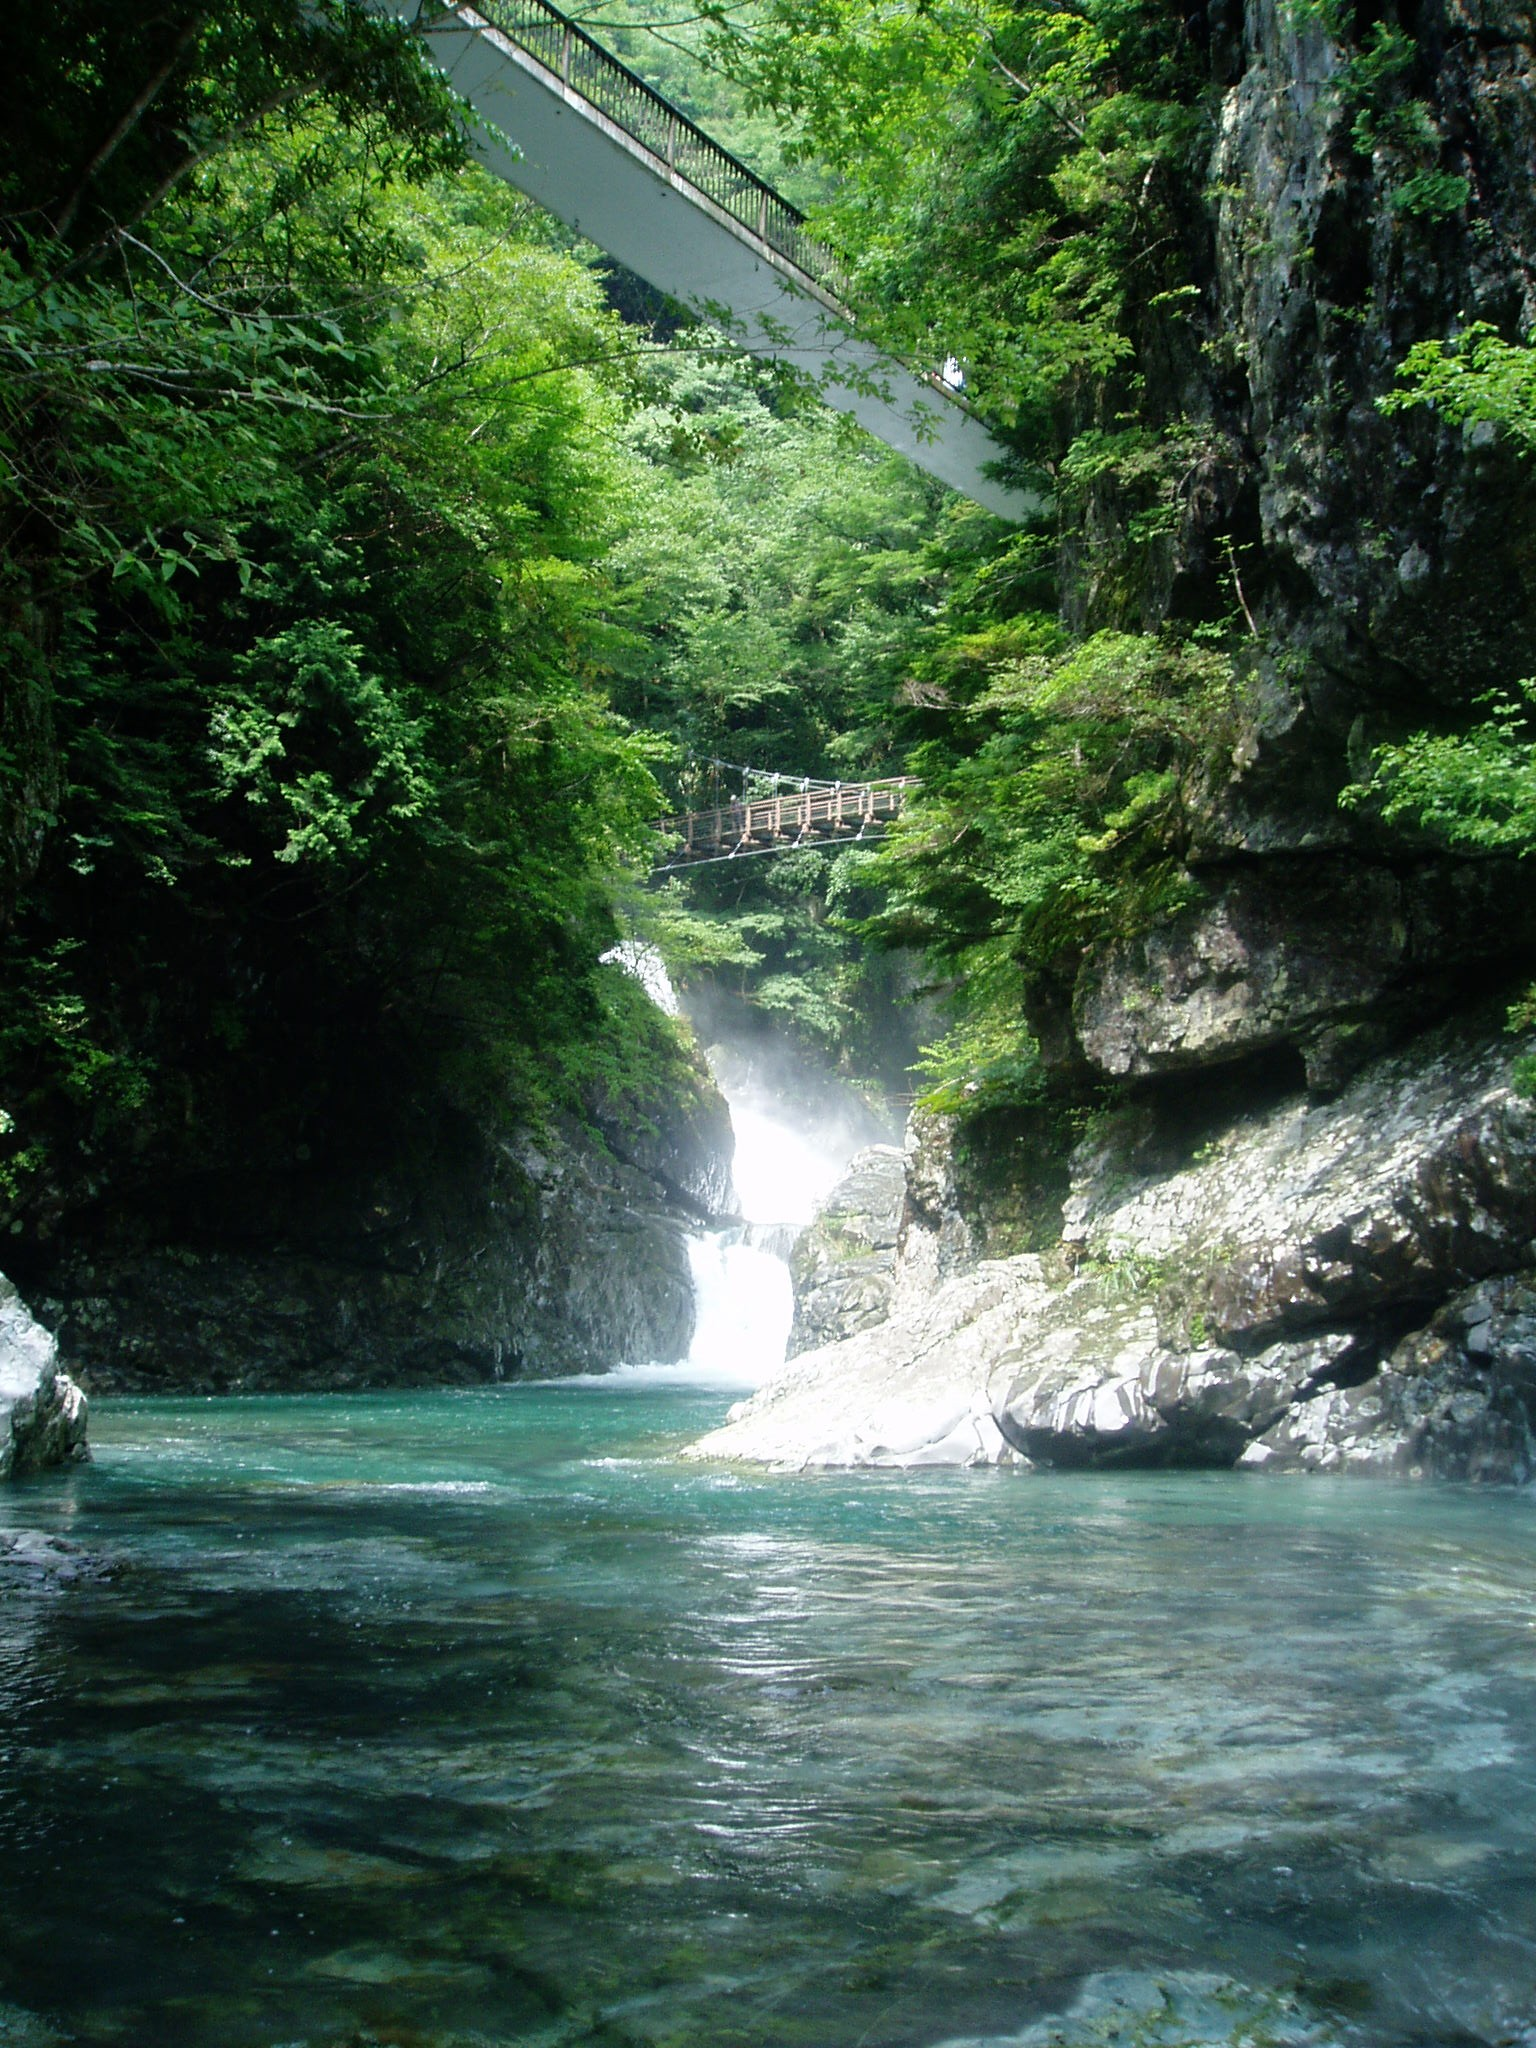 http://www.pref.nara.jp/secure/79917/mitaraikeikoku-summer.jpg